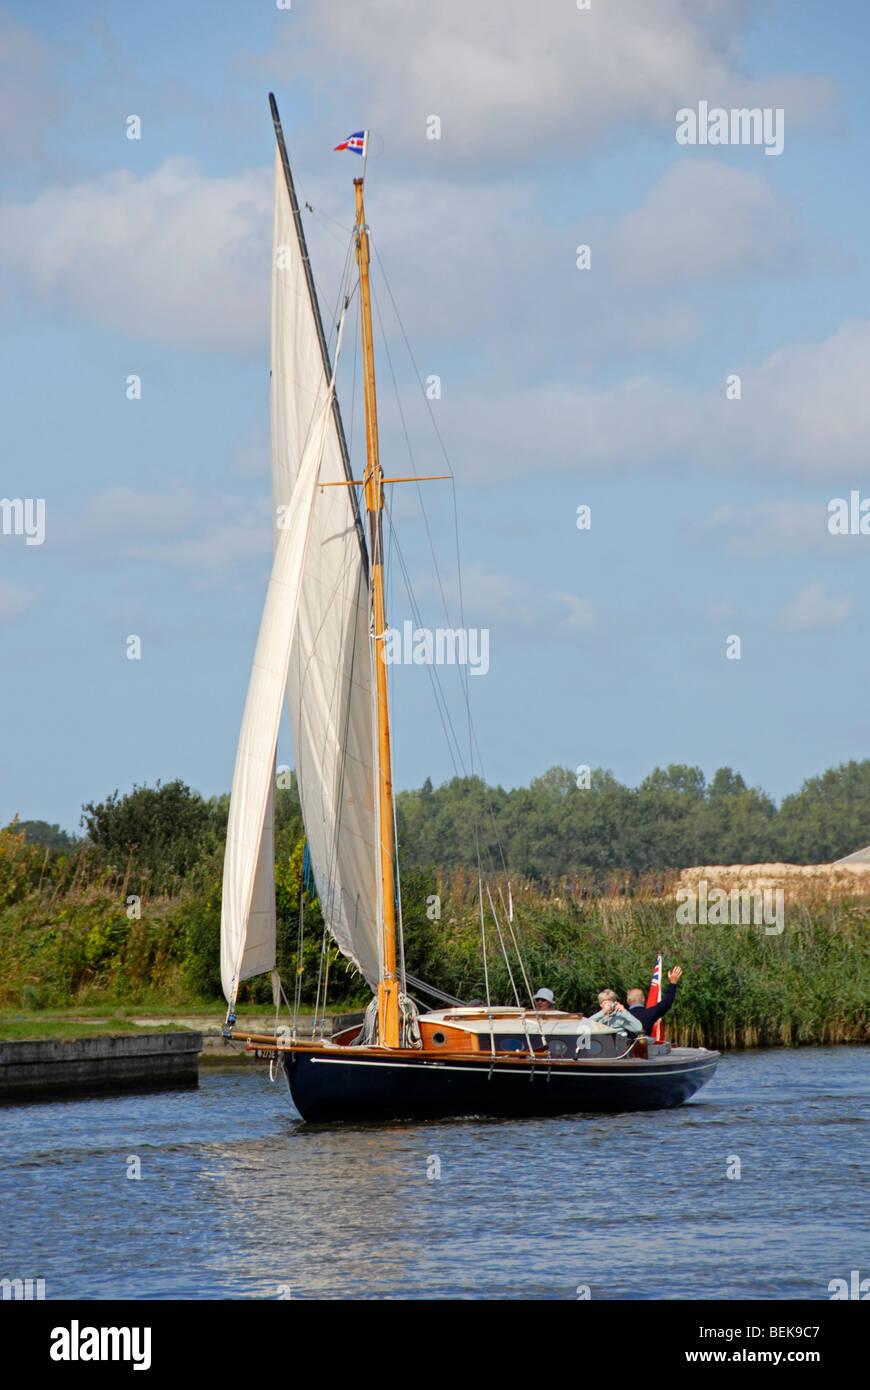 Sailing boat on River Thurne, Norfolk Broads - Stock Image